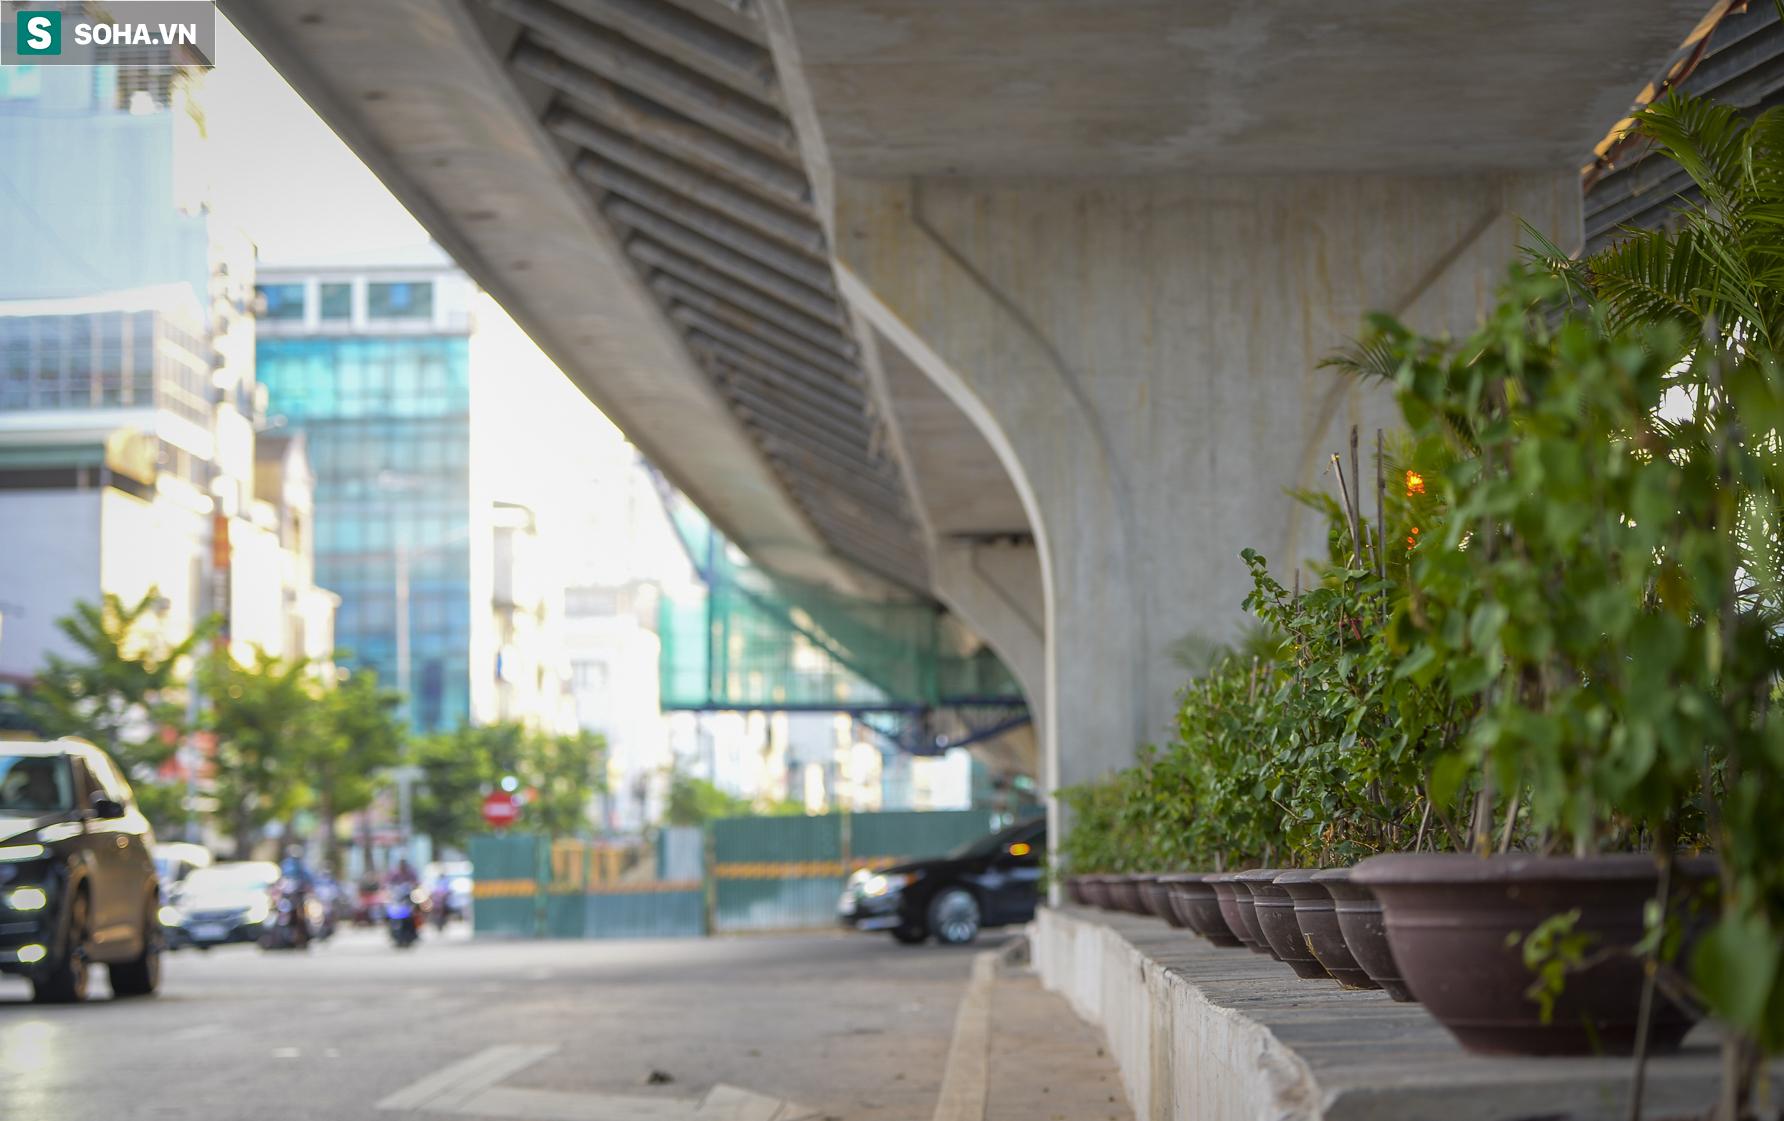 Hà Nội: Con đường đau khổ sắp chấm dứt, lộ diện hình hài của tuyến đường trị giá gần 10.000 tỷ - Ảnh 8.